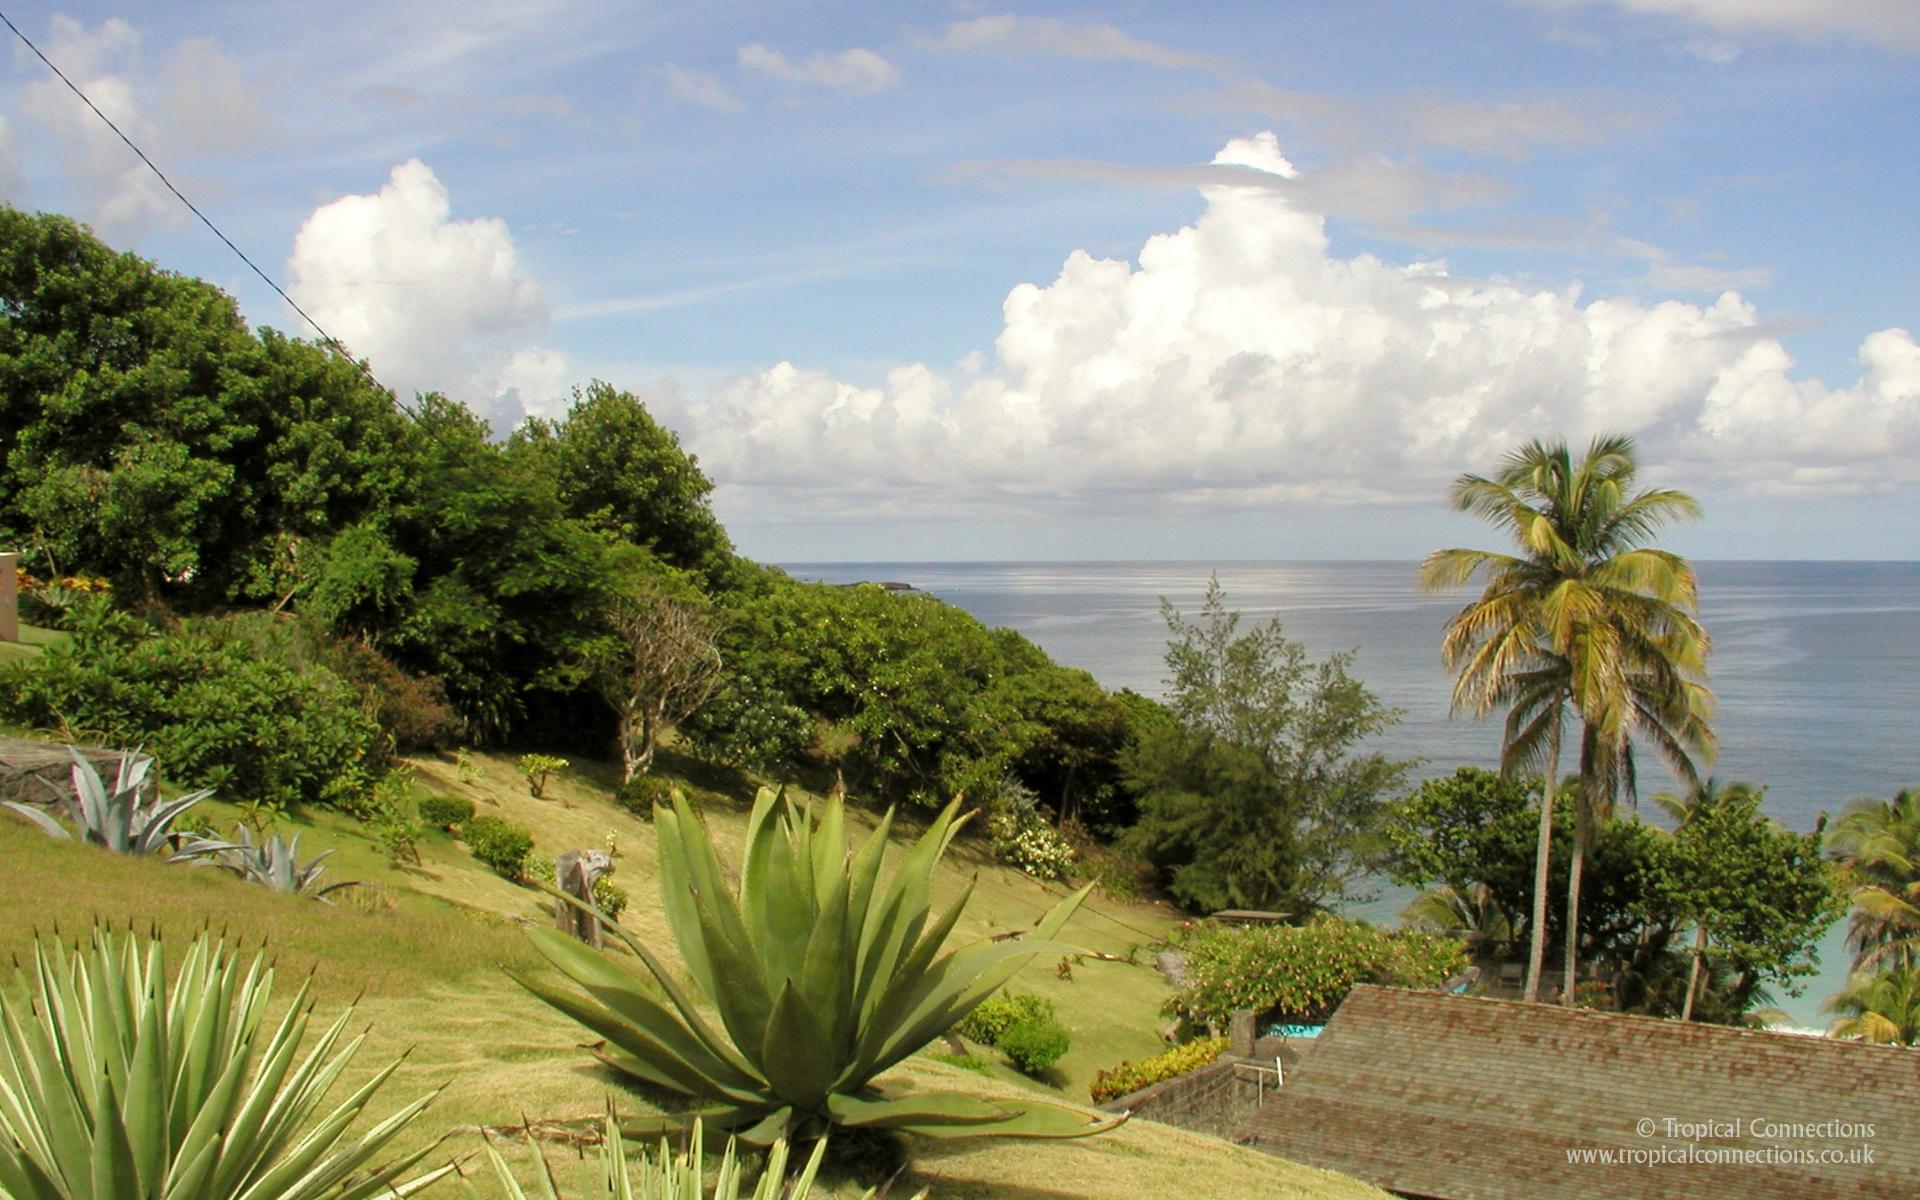 19201200 pixel widescreen wallpaper of a Hill Side Garden in Grenada 1920x1200